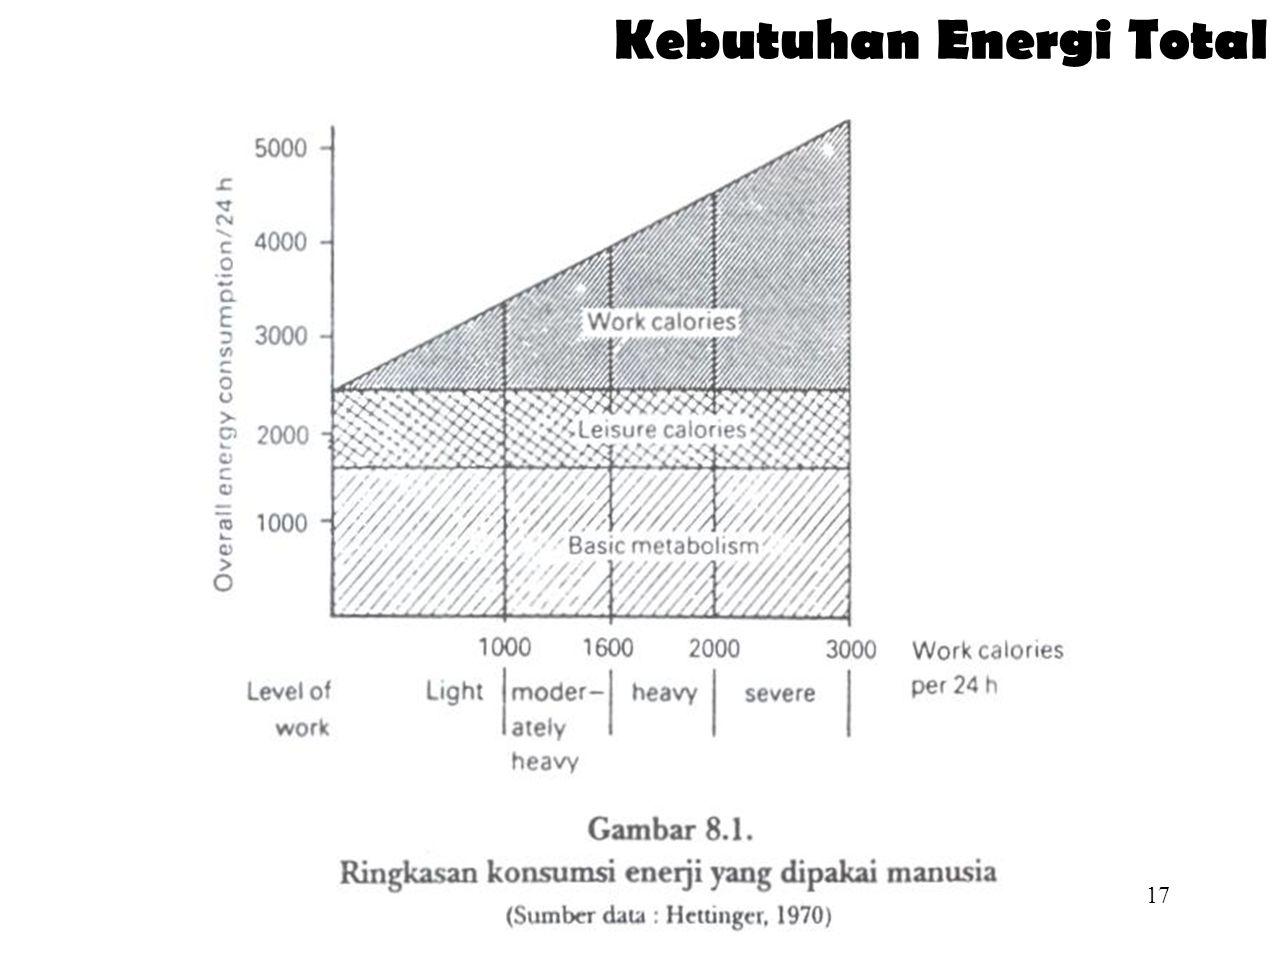 16 Macam Kebutuhan Energi  Konsumsi energi total terdiri atas :  Metabolisme basal  Kalori untuk bersantai  Kalori untuk bekerja  Kebutuhan energi :  Metabolisme dasar (tubuh sedang istirahat)  25 kalori/kg berat badan (wanita)  30 kalori/kg berat badan (pria)  Aktivitas ringan = (1+0.5) metabolisme dasar/kg berat badan  Aktivitas berat = (1+1) metabolisme dasar/kg berat badan